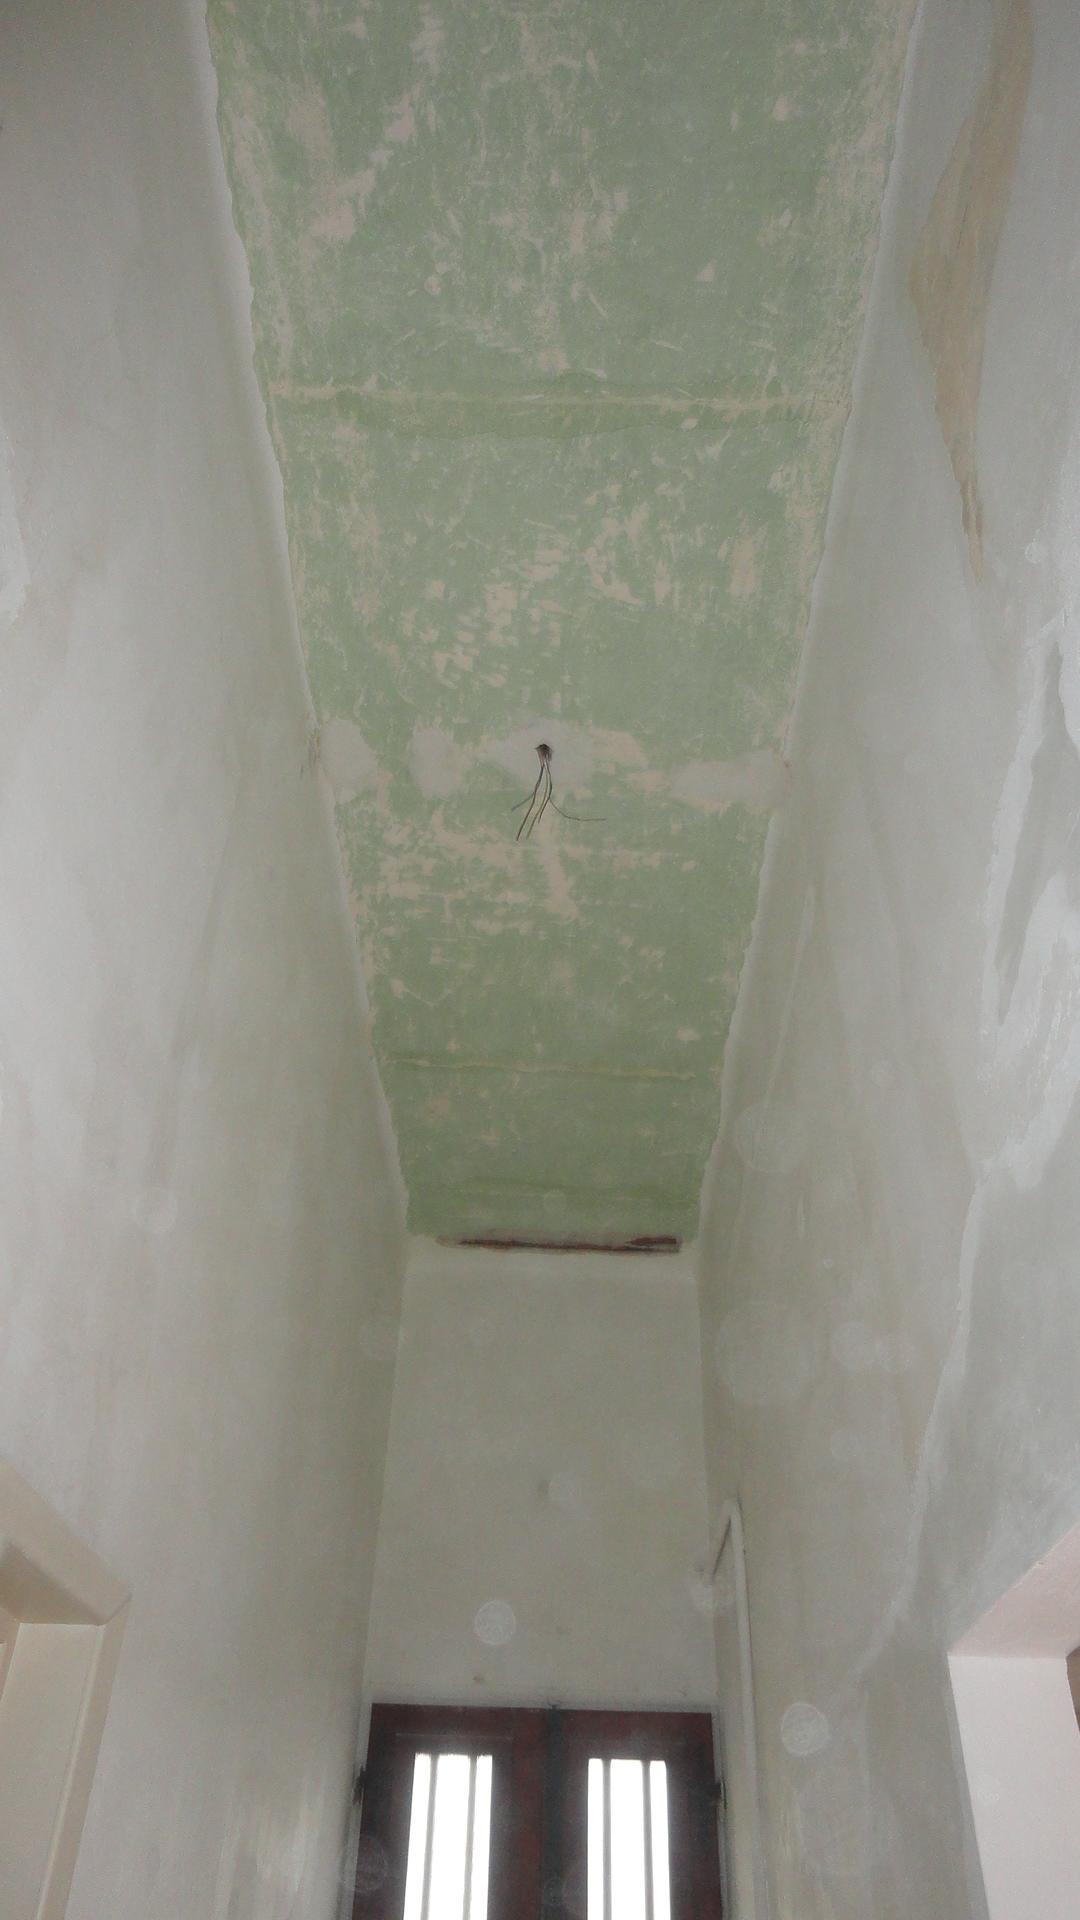 andreabelliggianodecorazioni  i miei lavori di risanamento muffa imbiancatura decorazioni